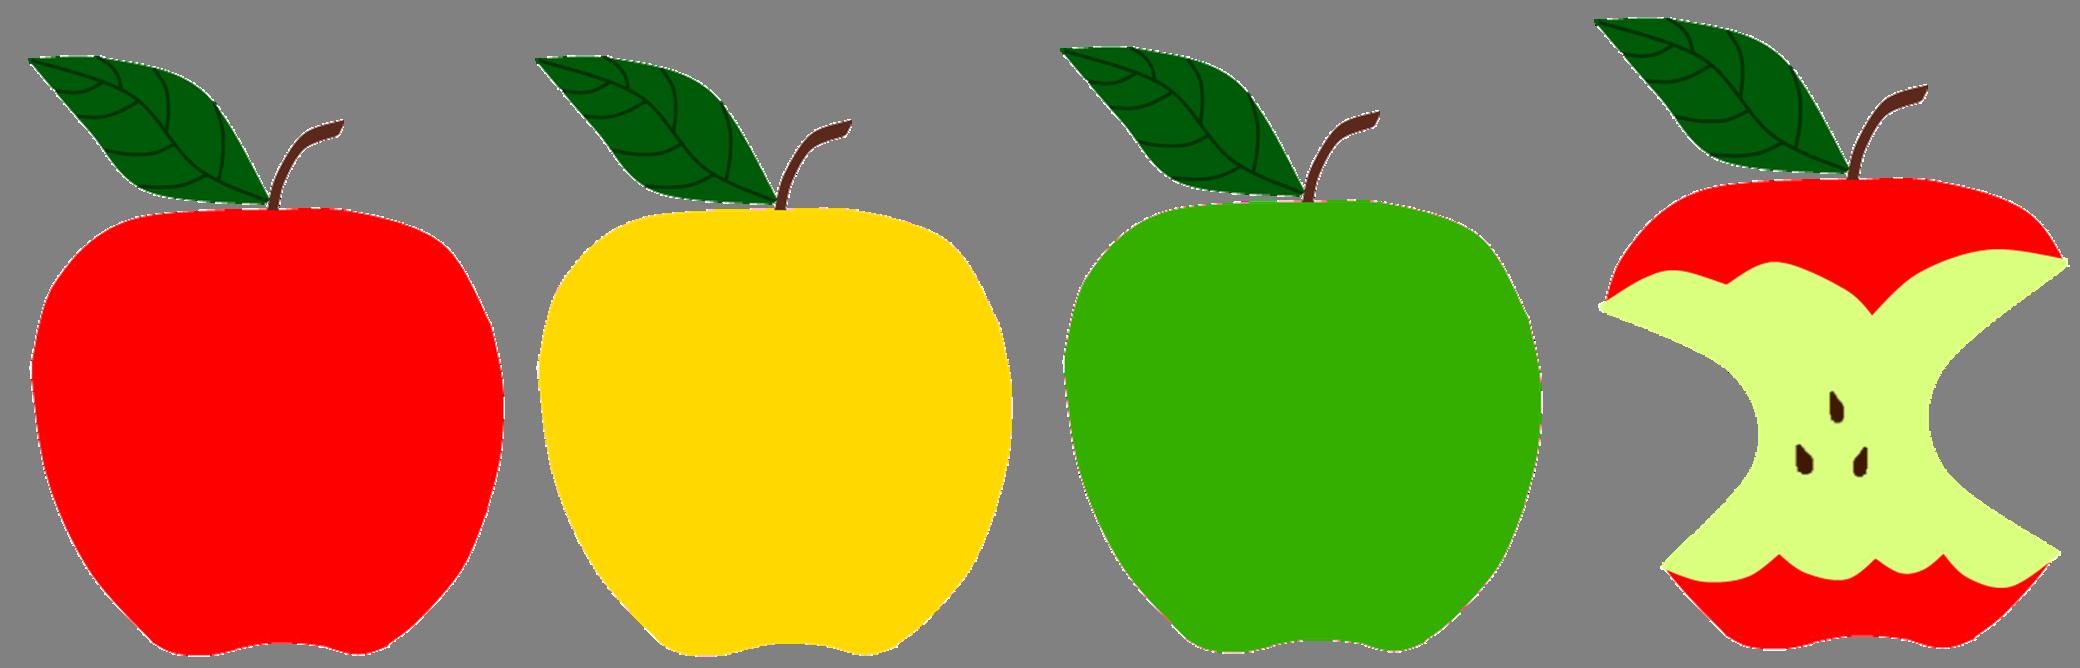 Apples | Sunflower Storytime